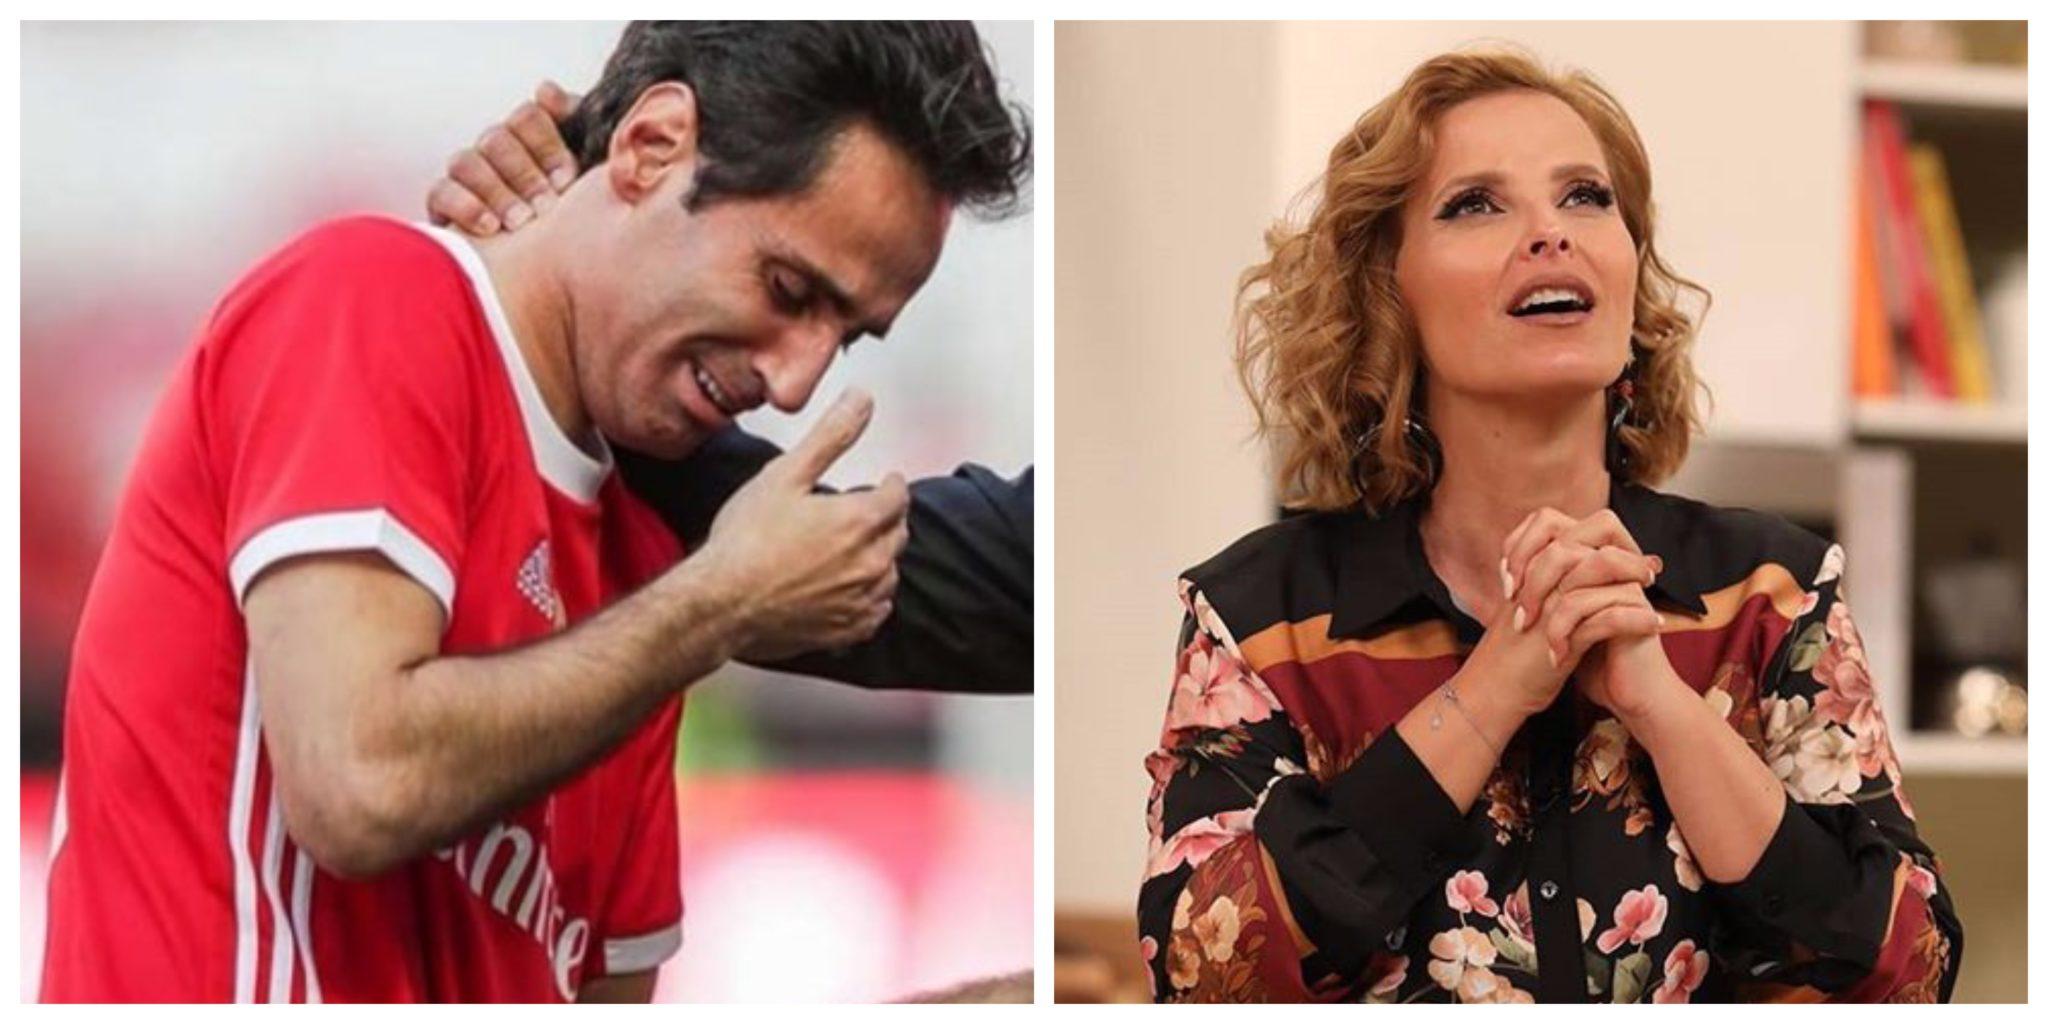 Jonas Cristina Ferreira Cristina Ferreira Anuncia Jonas Na &Quot;Casa De Todas As Histórias E Emoções&Quot;